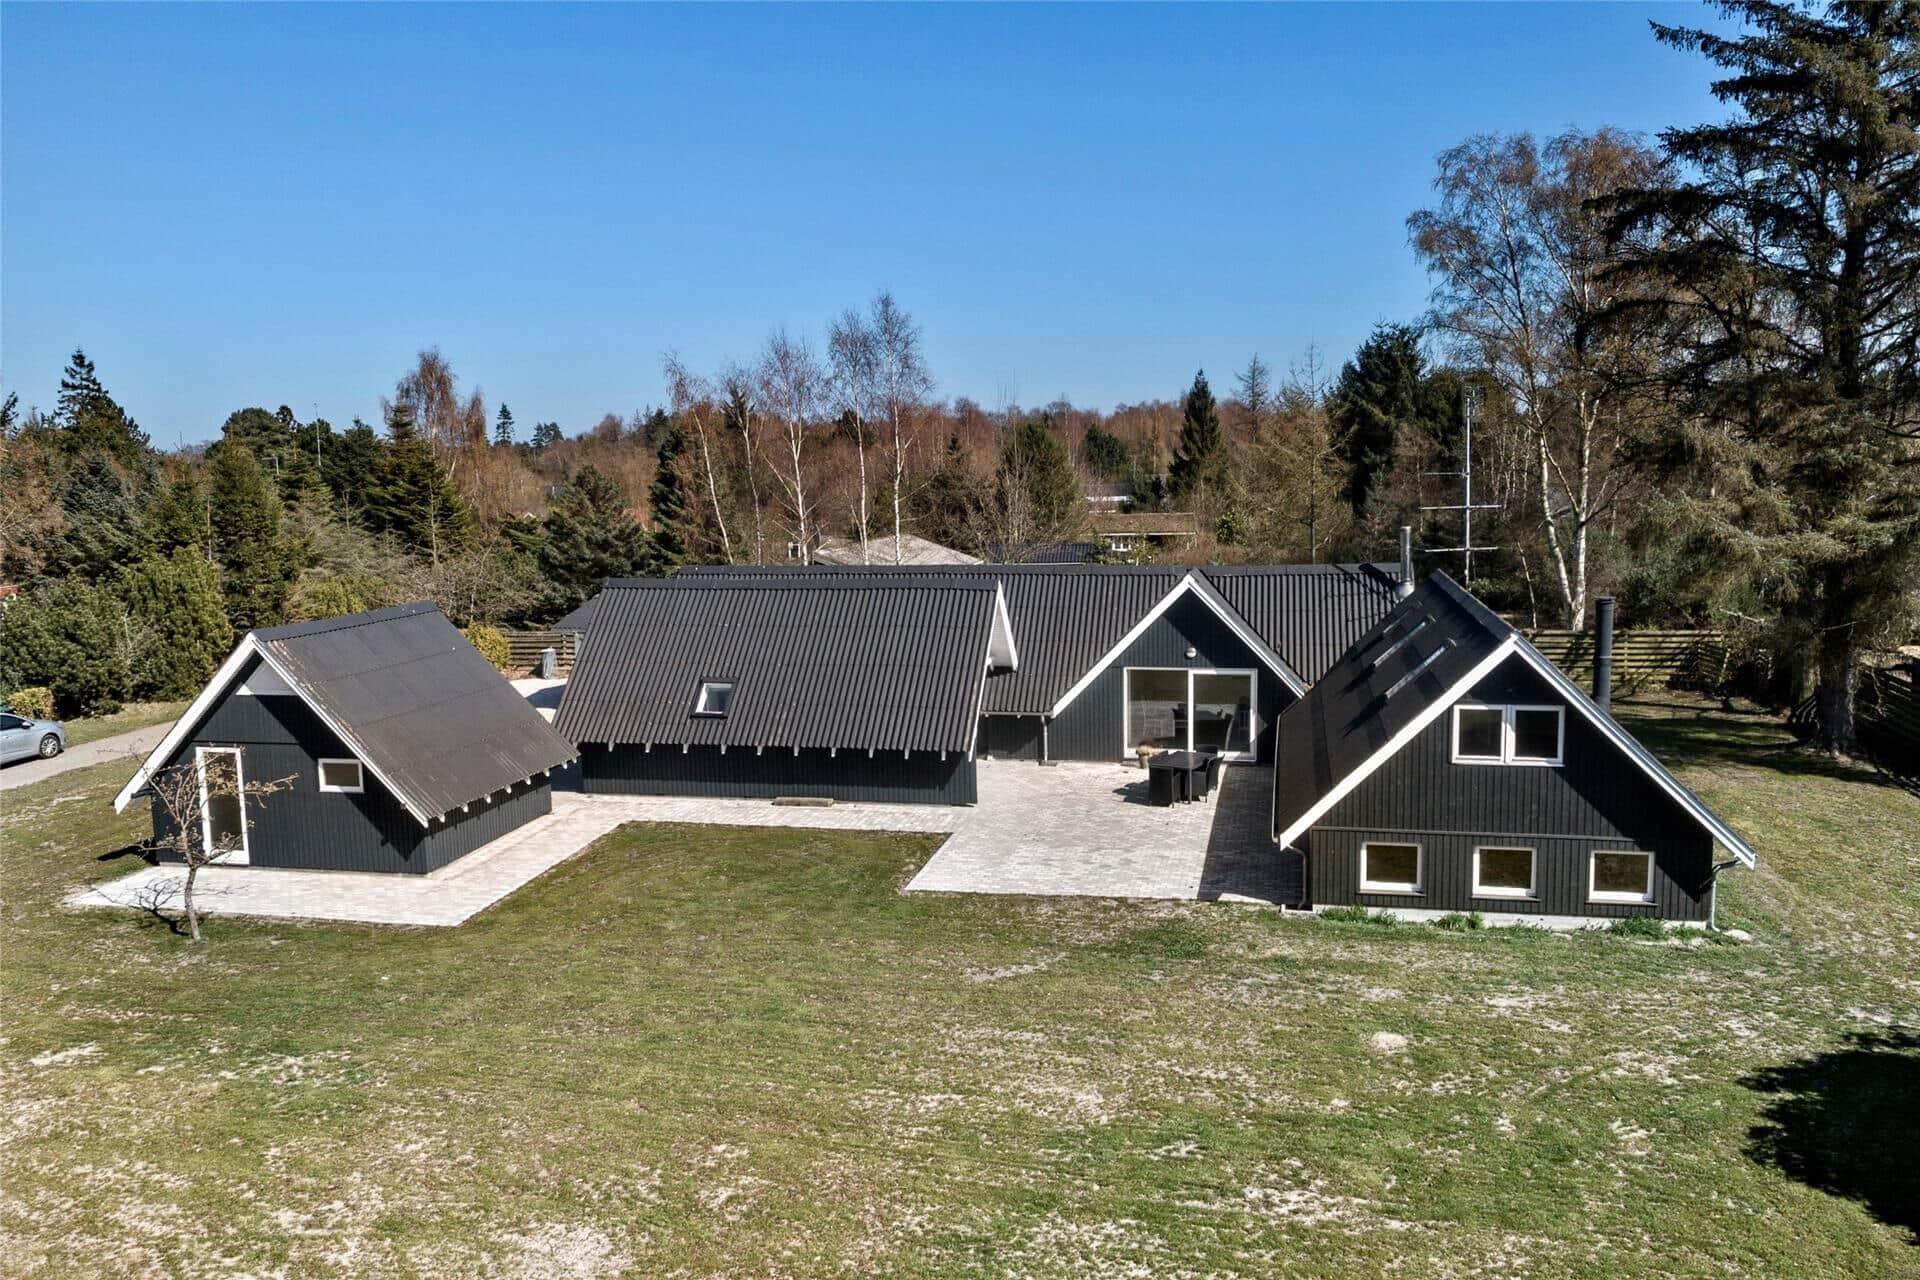 Afbeelding 1-174 Vakantiehuis M16019, Rørgræsvej 17, DK - 4873 Væggerløse